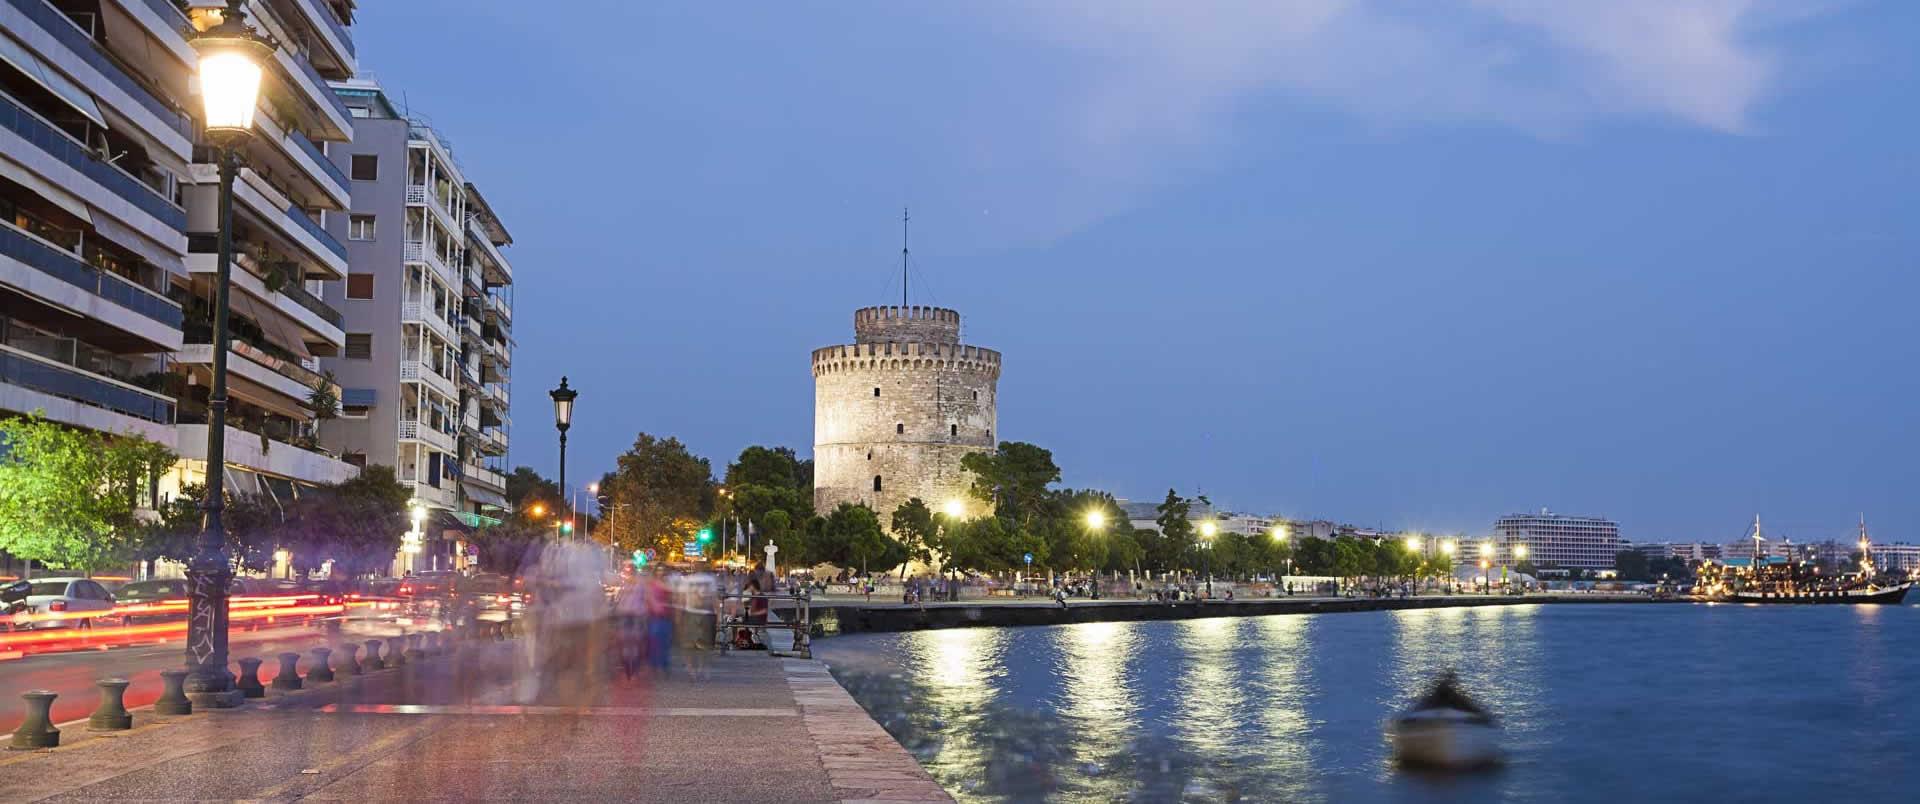 μεταφορές μετακομίσεις Θεσσαλονίκη